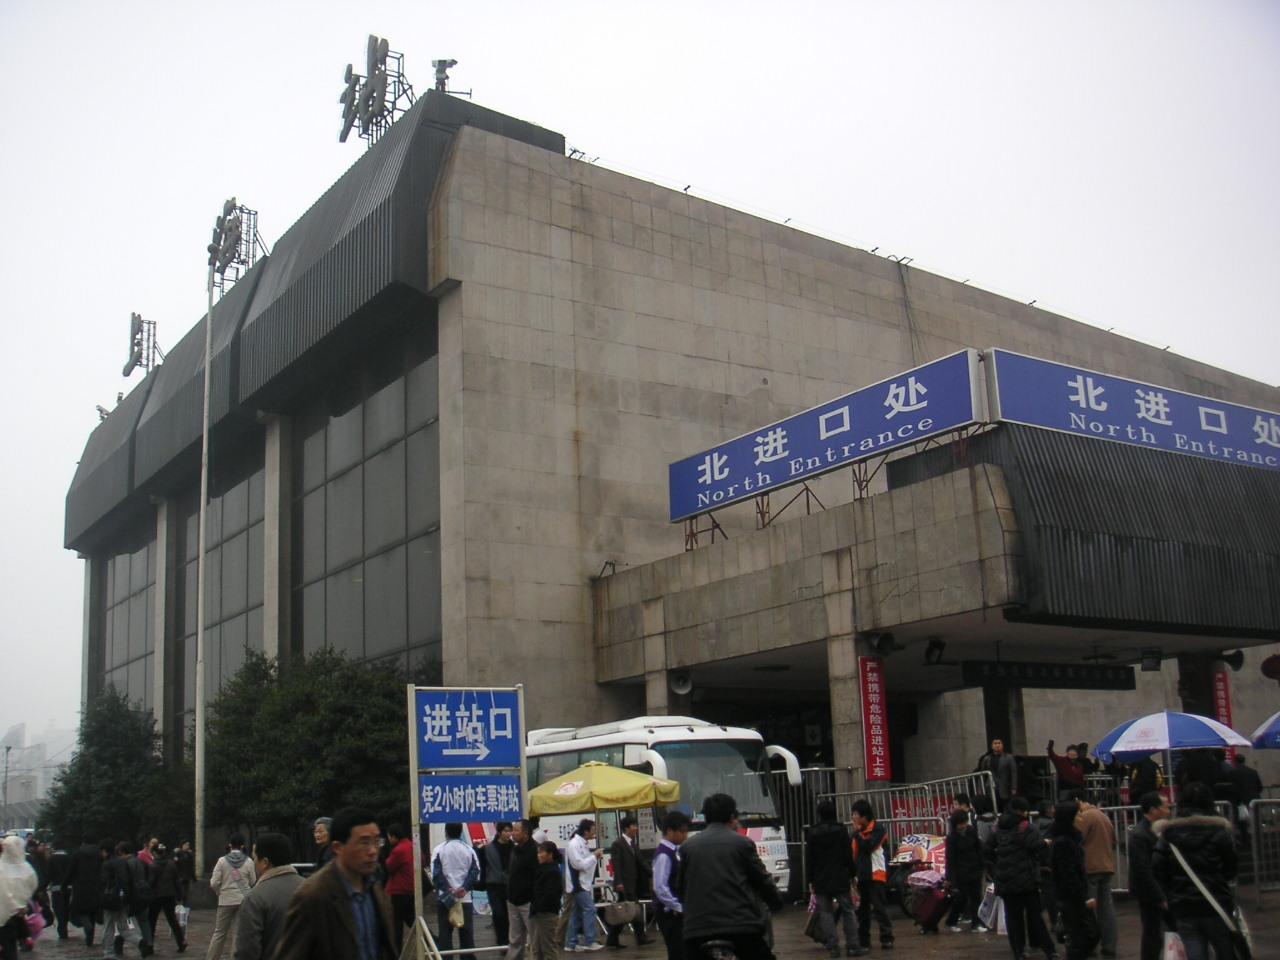 Shanghi Railway Station